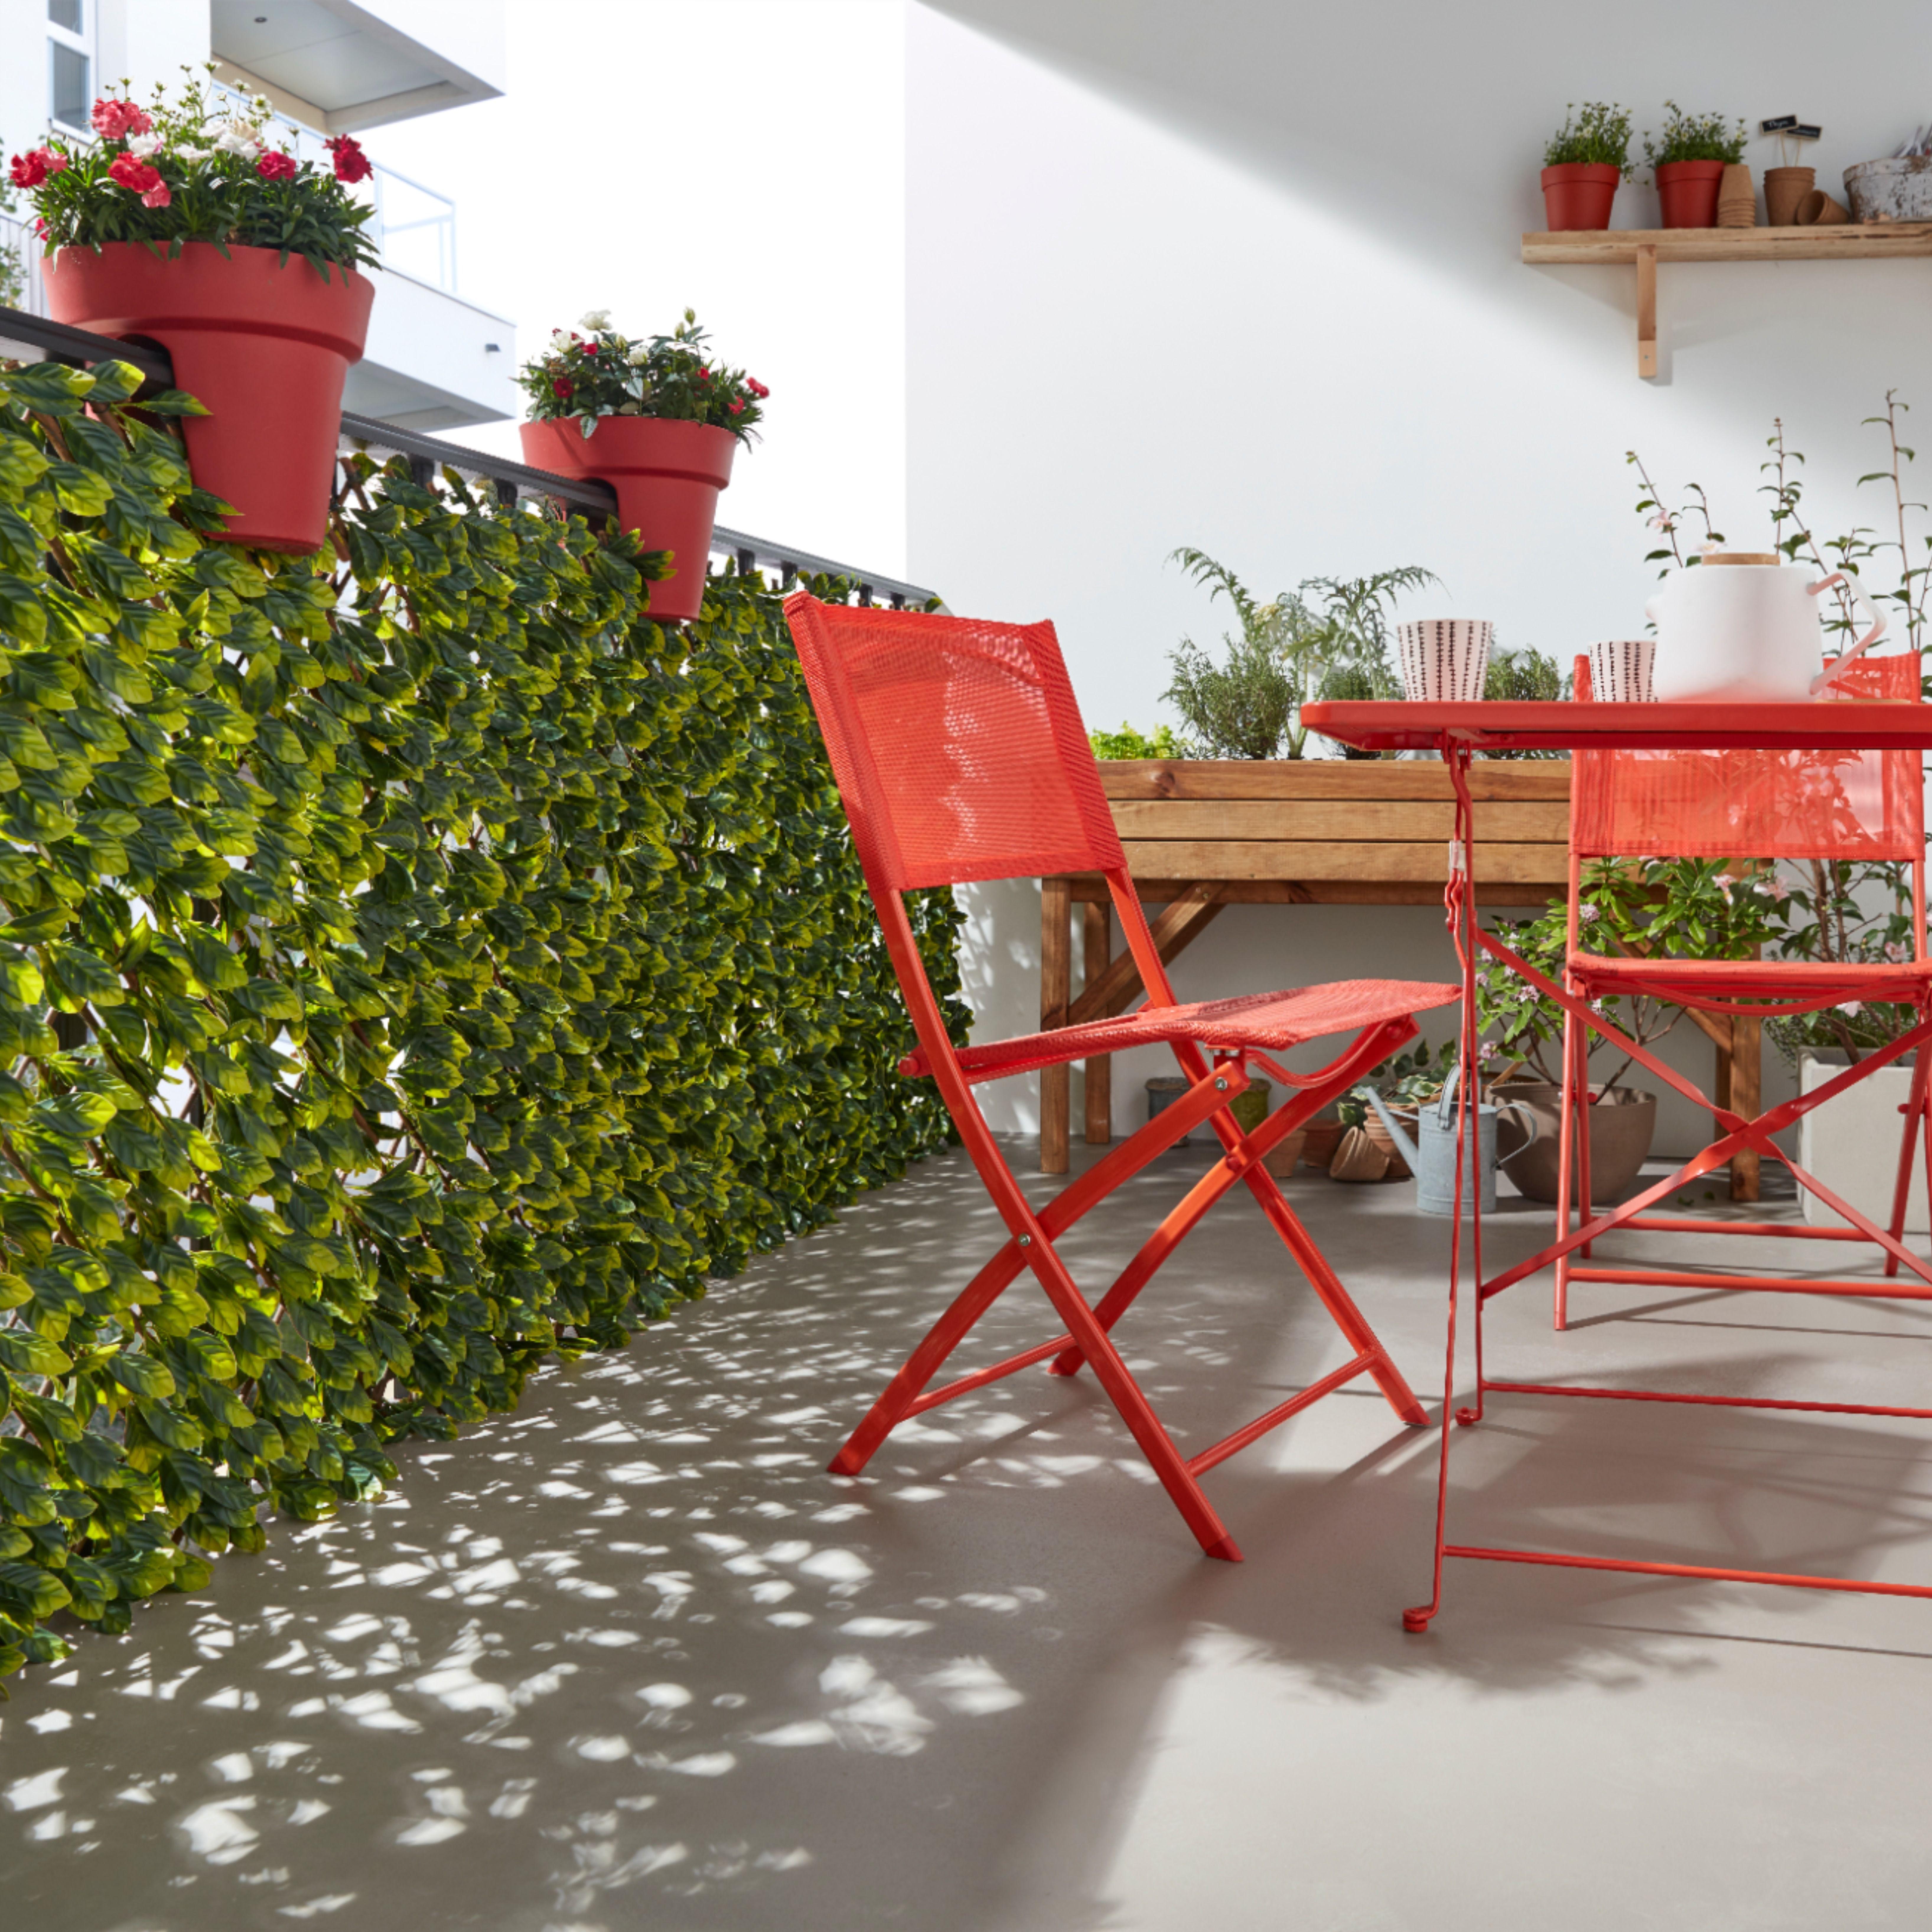 Conserver Son Intimite Sur Un Balcon N Est Pas Toujours Aise La Solution Opter Pour Un Brise Vue L Atout Les Br Mobilier Jardin Ambiance Jardin Castorama